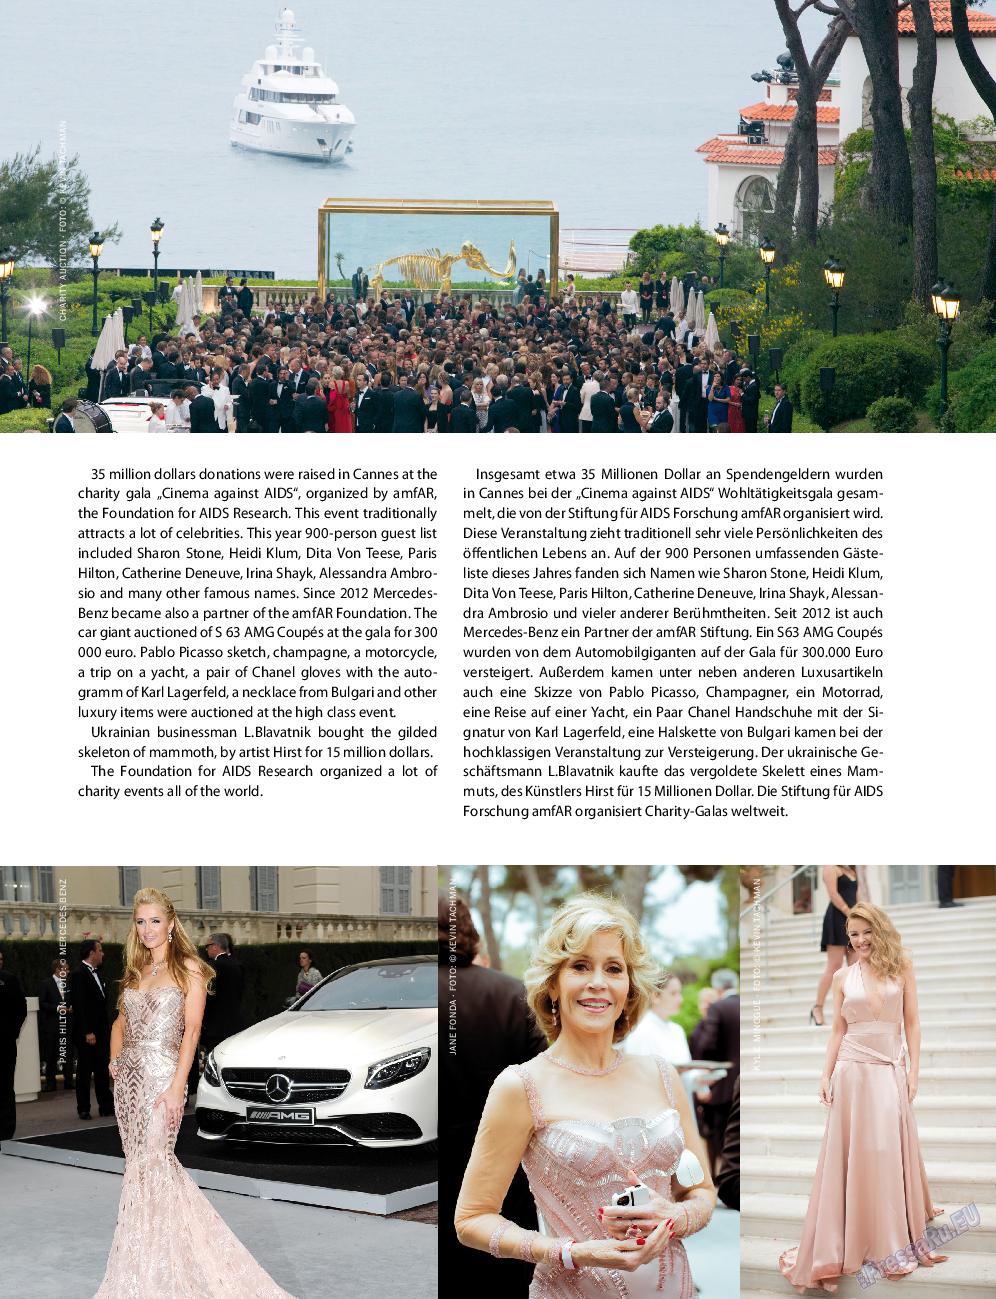 Клан (журнал). 2014 год, номер 7, стр. 202